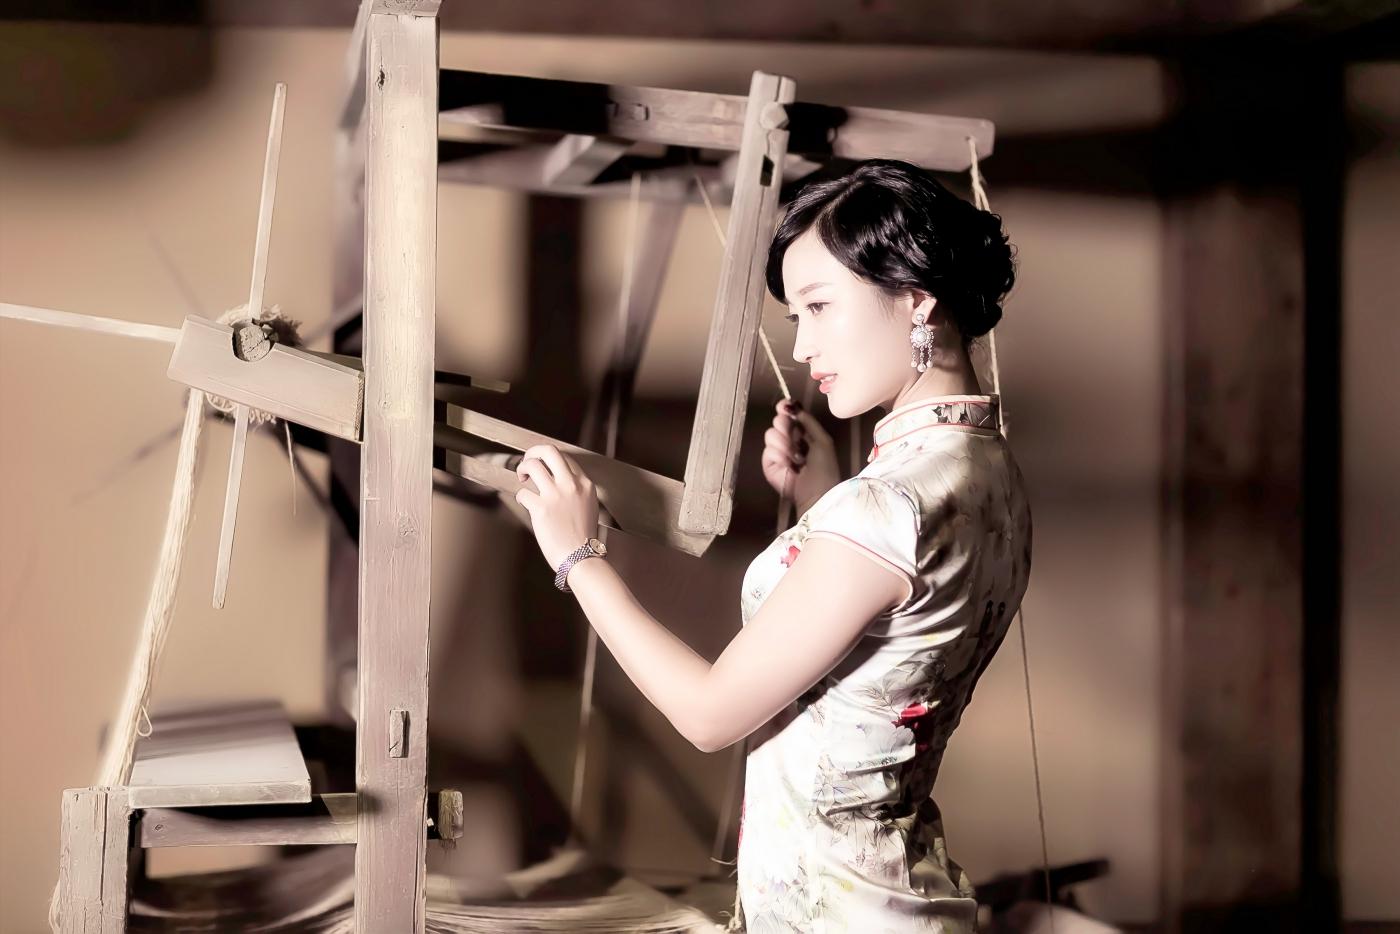 当临沂女孩孔孙懿凡遇到旗袍 一样会像王的女人一样高贵典雅 ..._图1-3